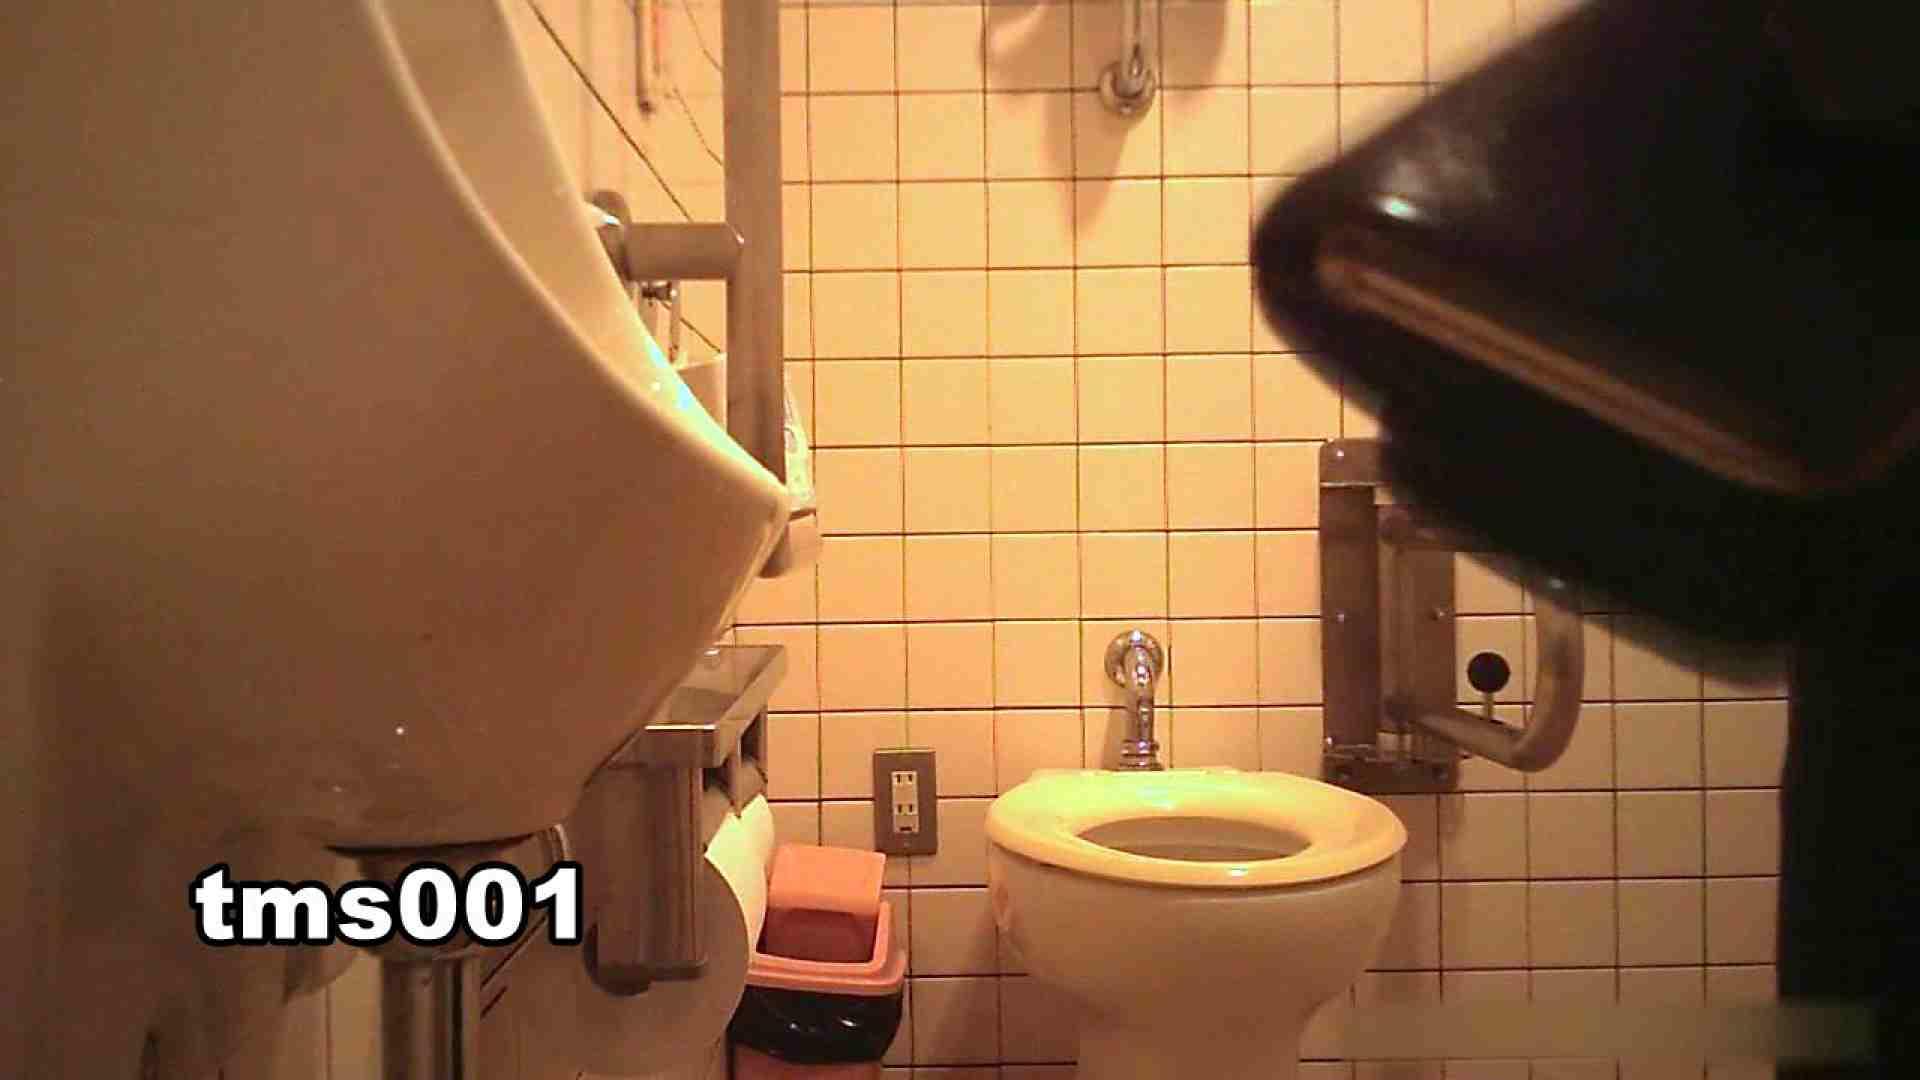 トイメンの割れ目 vol.001 洗面所シーン AV動画キャプチャ 91画像 79